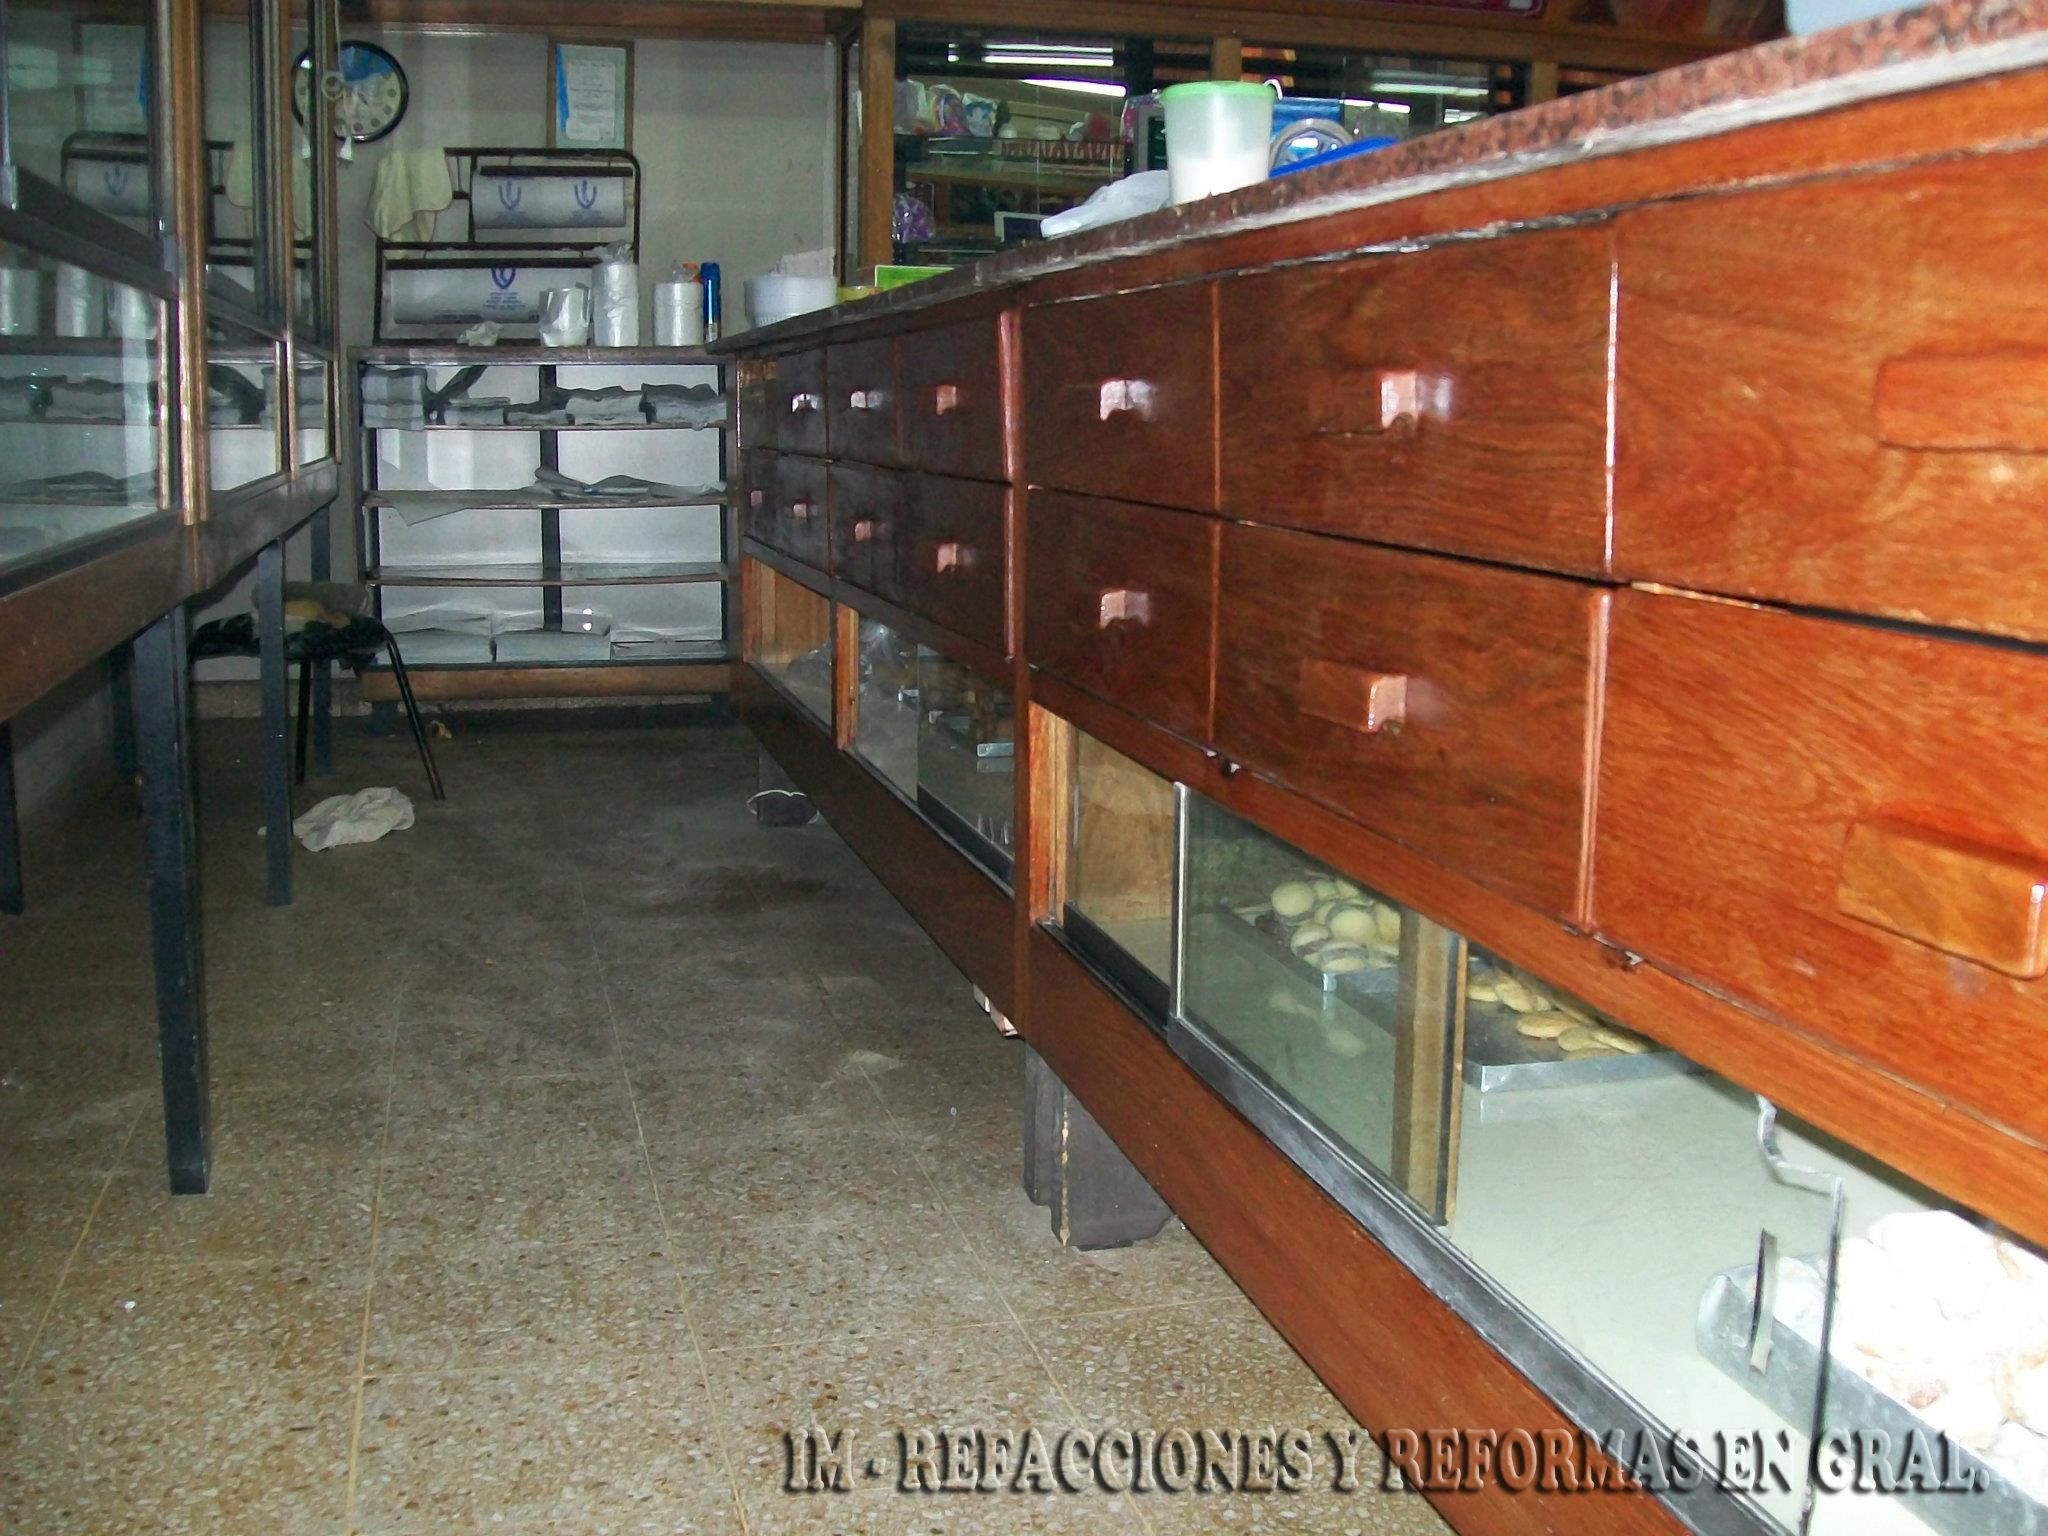 Restauración y lustre de muebles. Bs. As. Argentina 5/5